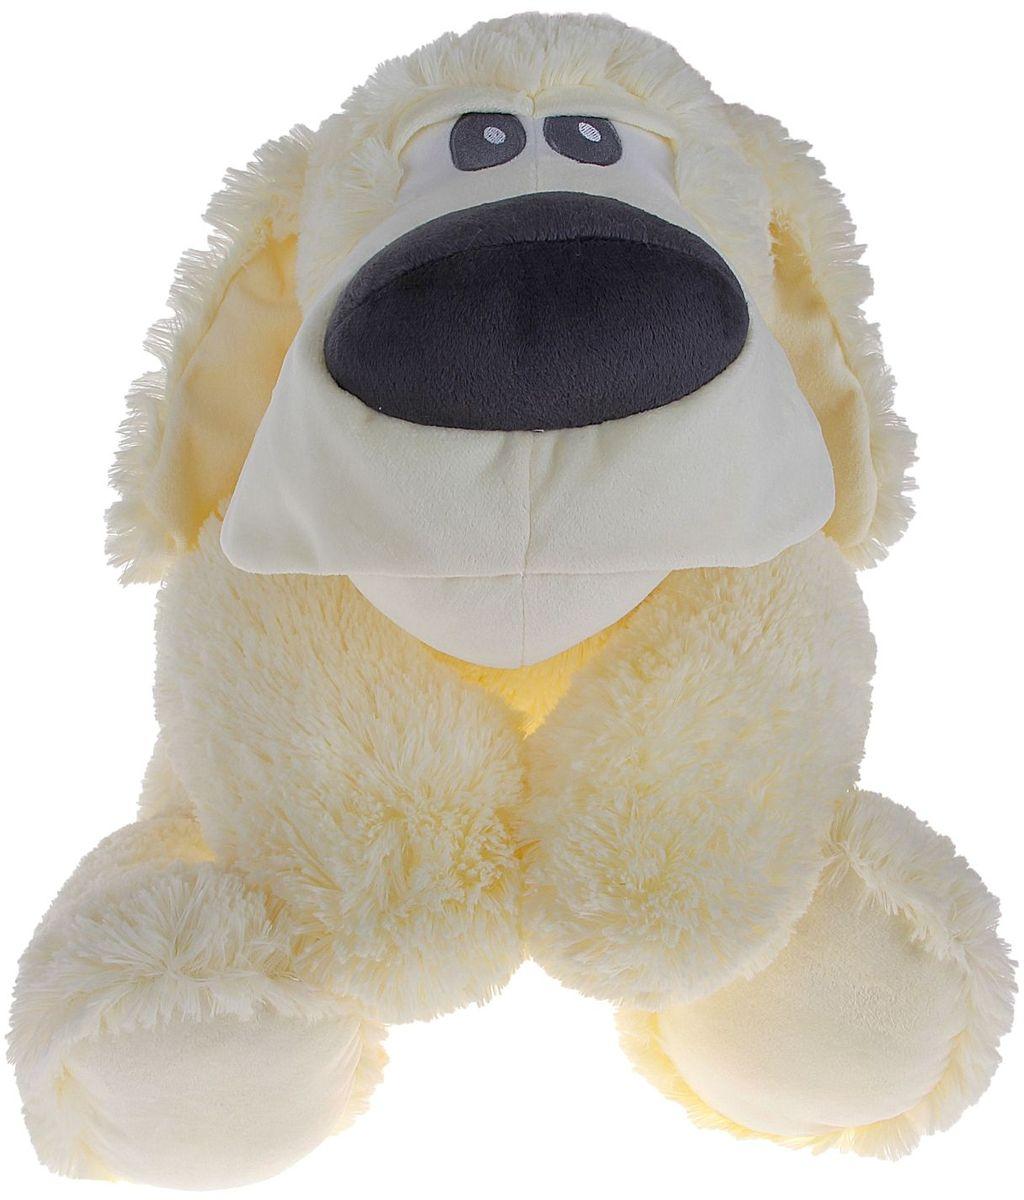 Fancy Мягкая игрушка Собака Сплюшка 70 см 378752 радомир мягкая игрушка собака соня 55 см 2008906